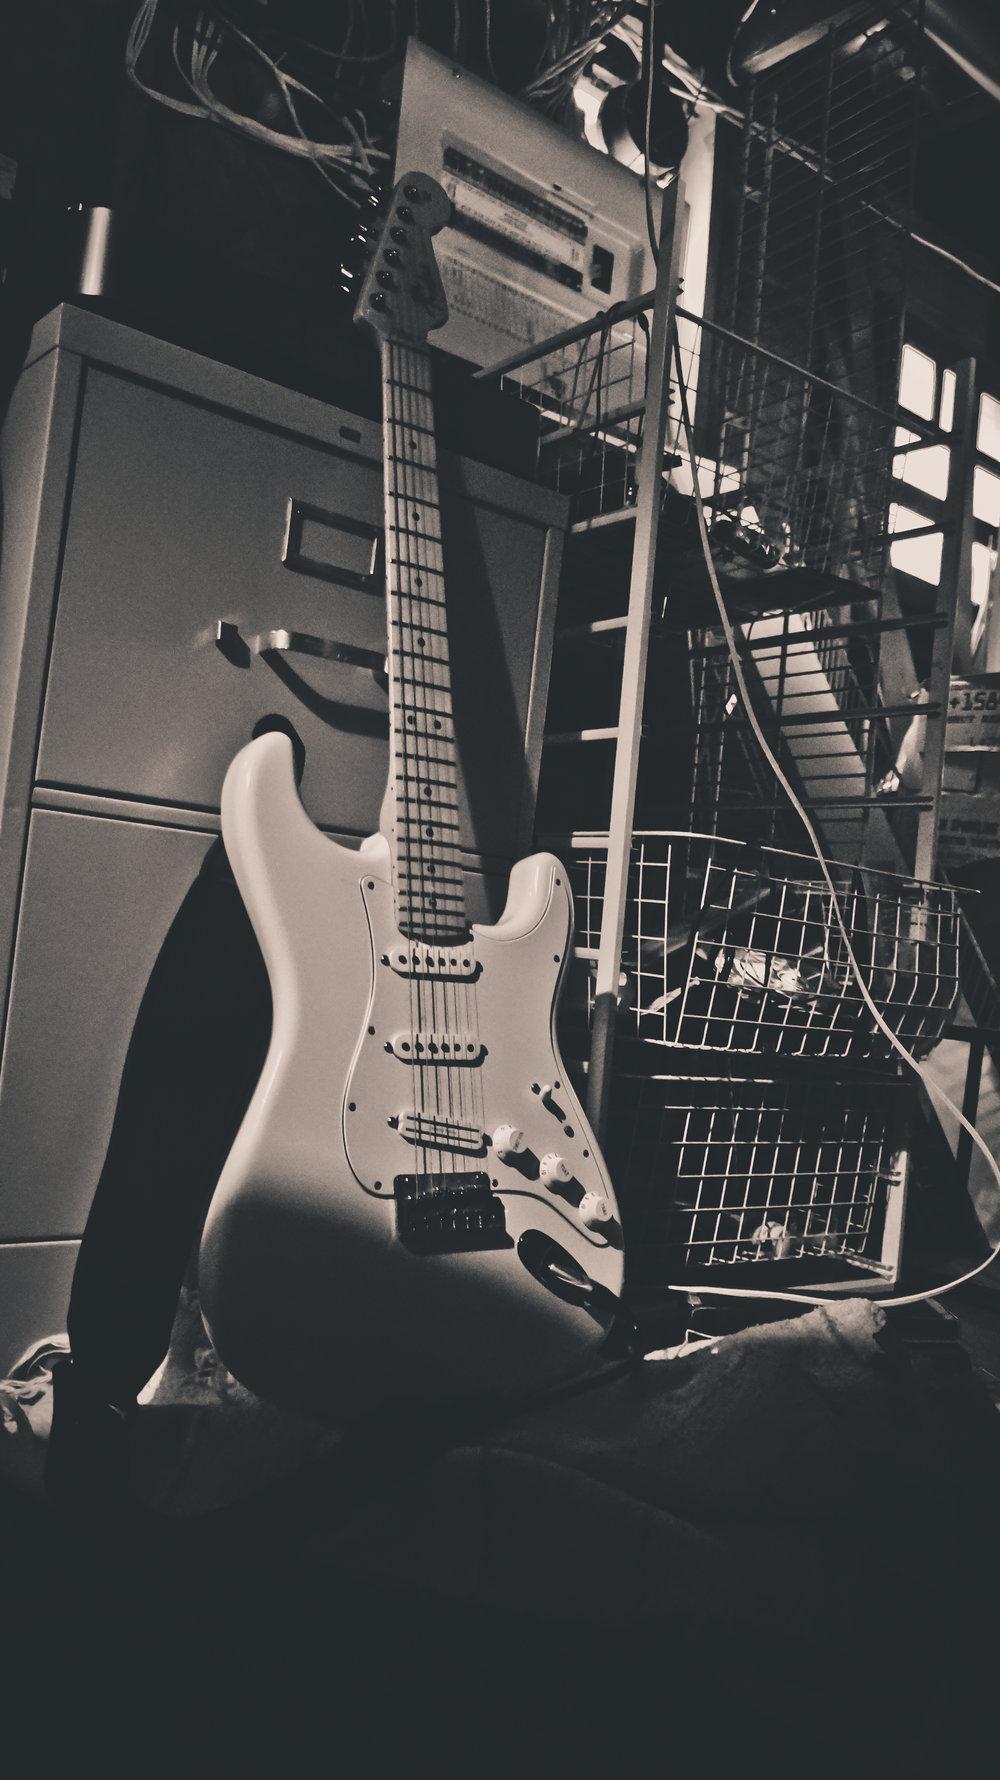 Iain Howie guitar